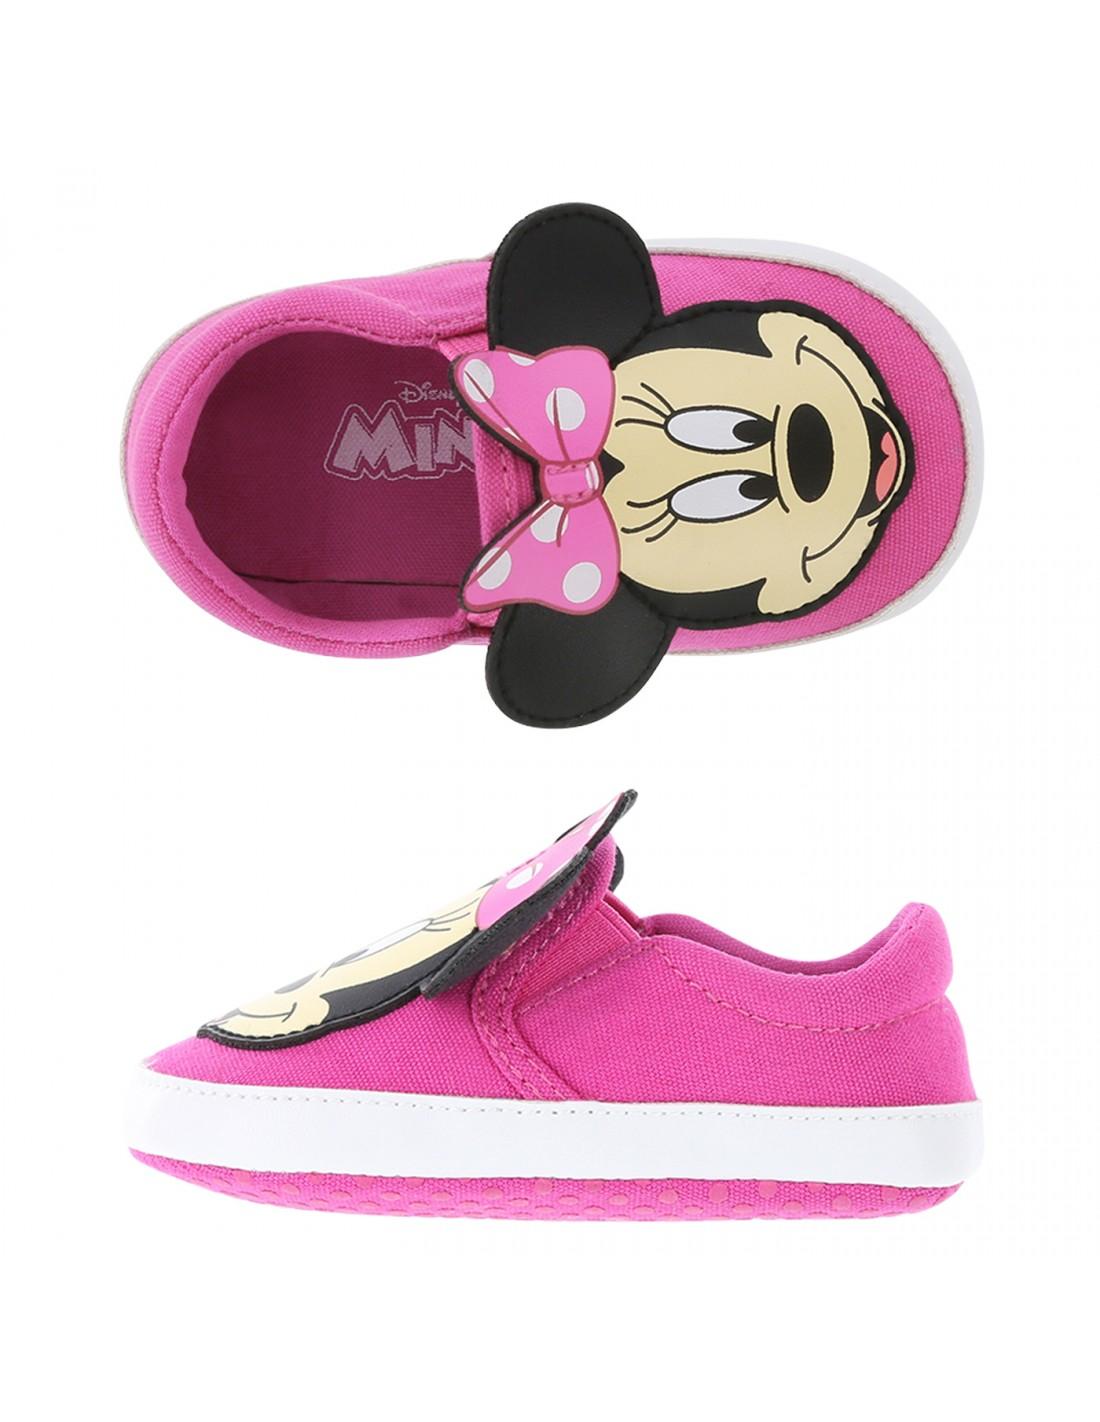 590d0e081e Zapatos Minnie Face para niñas pequeñas